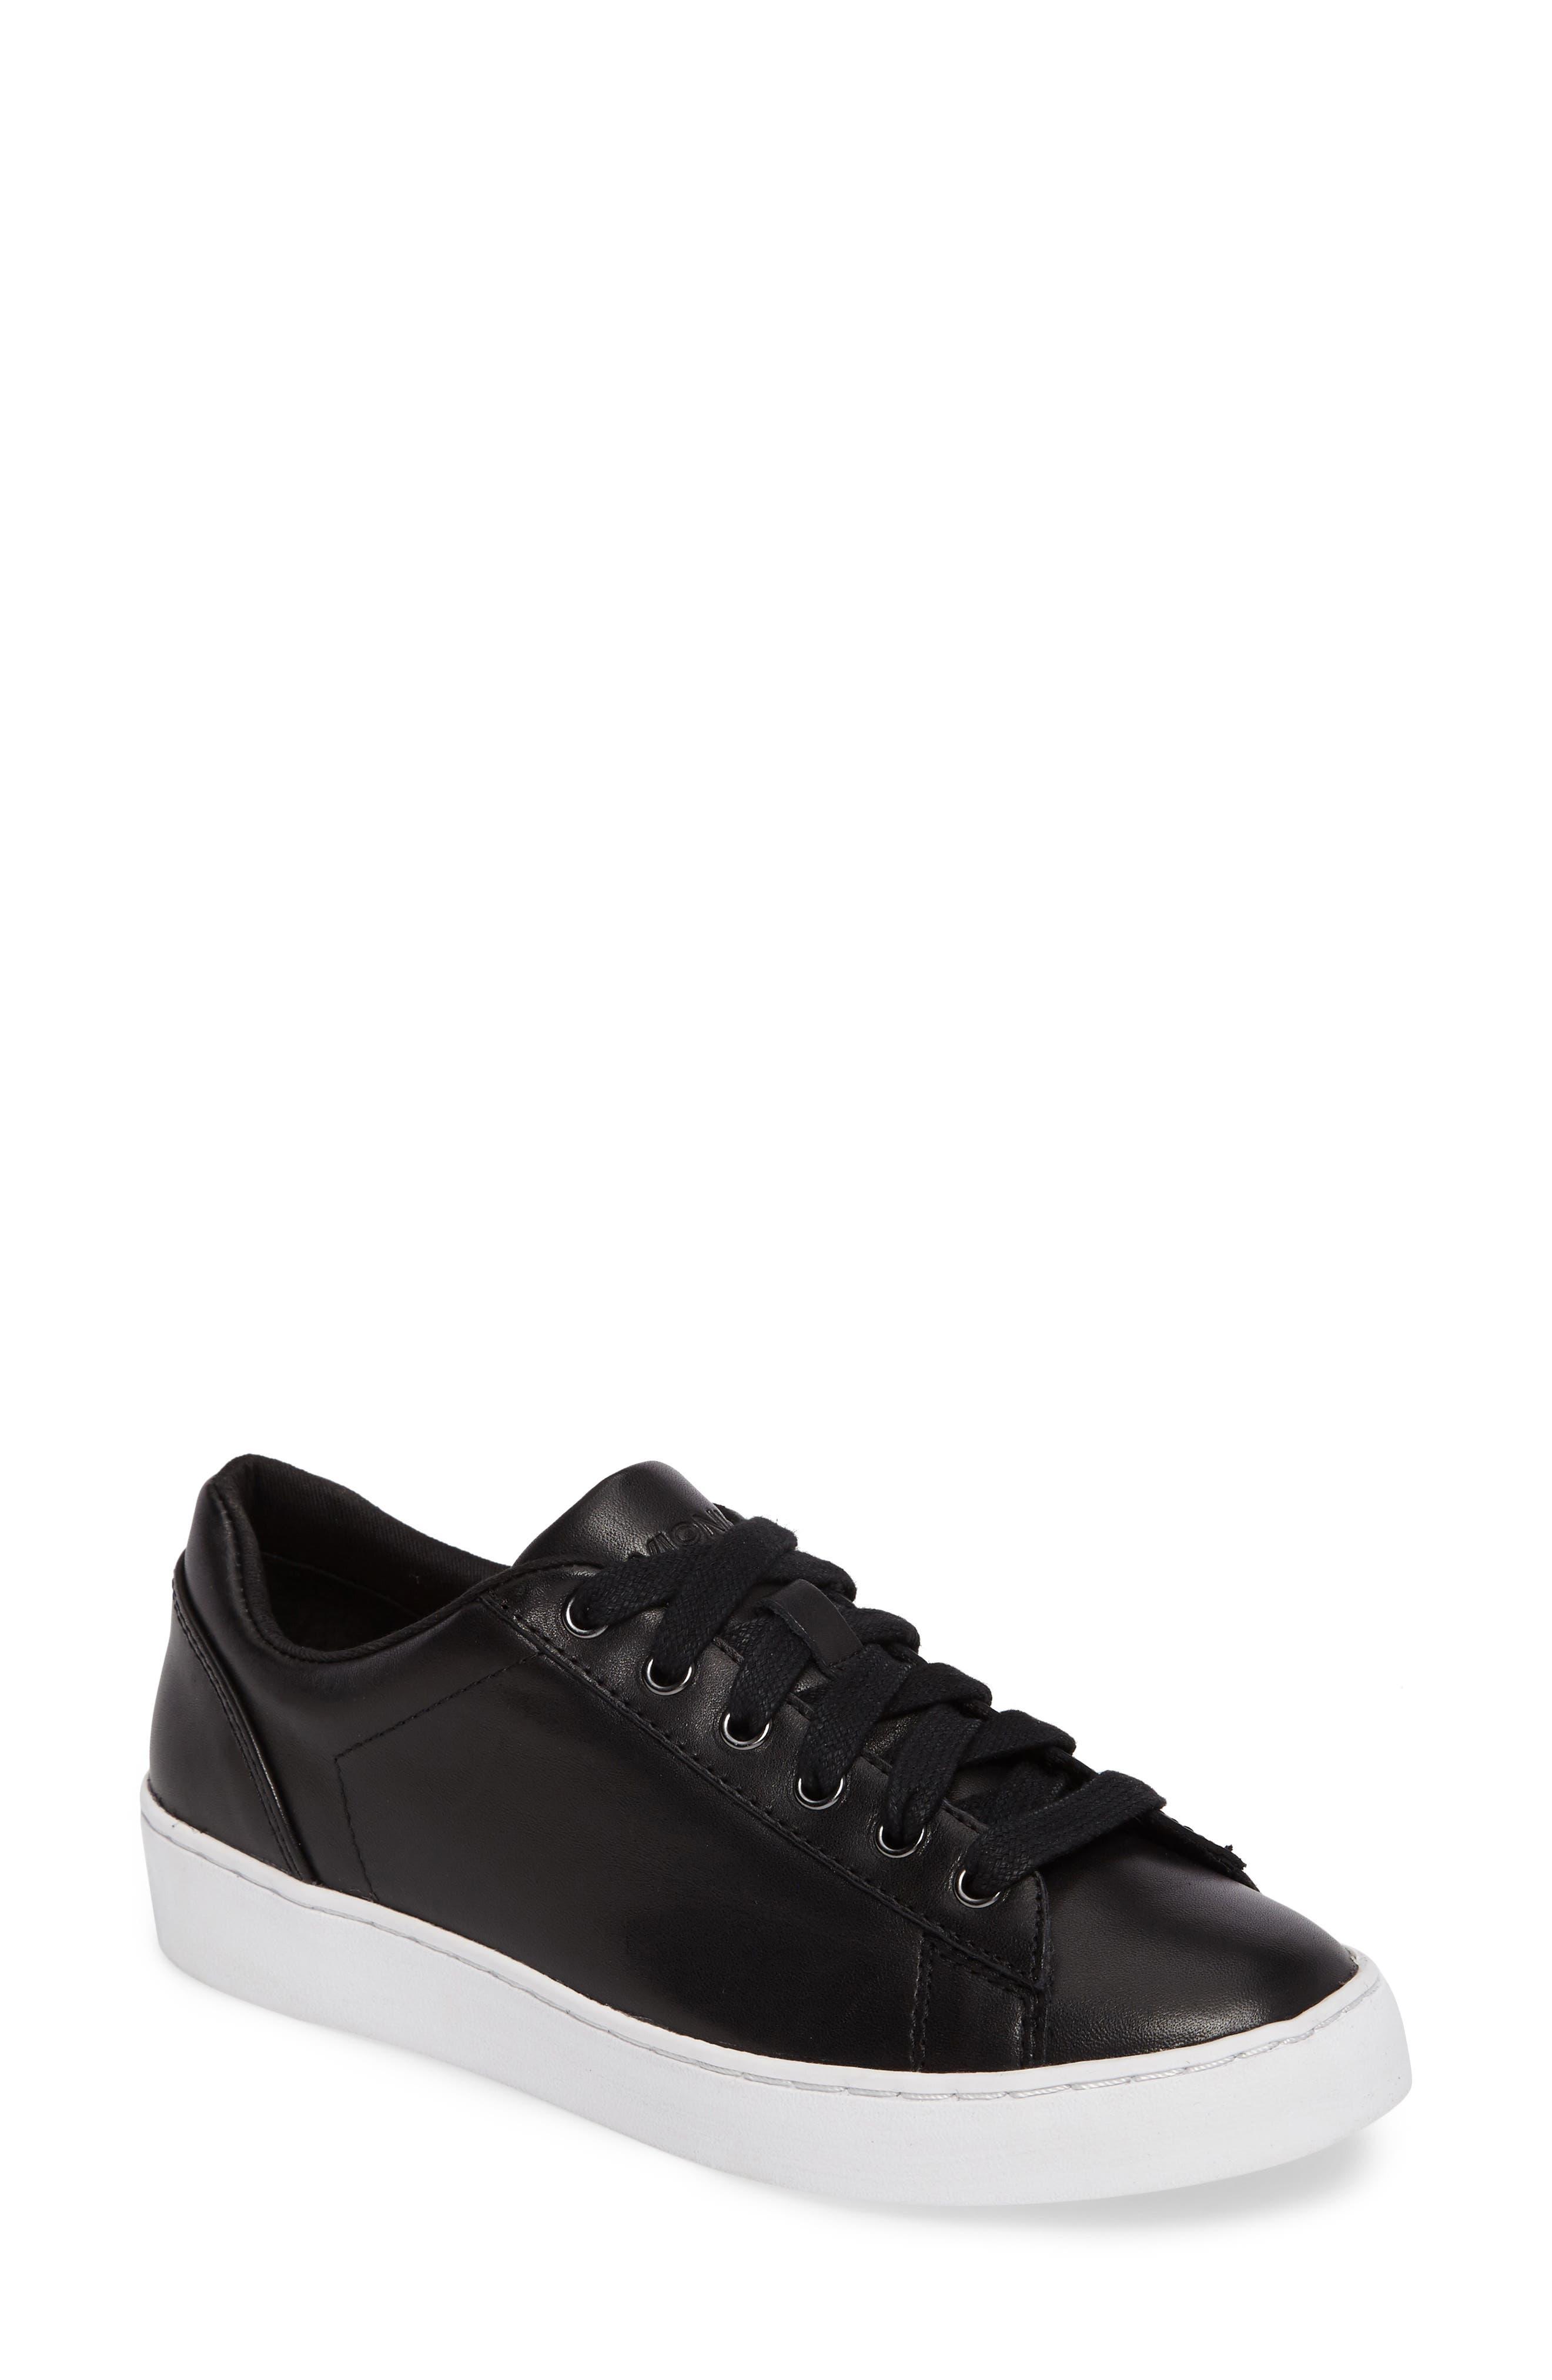 Vionic | Splendid Syra Sneaker